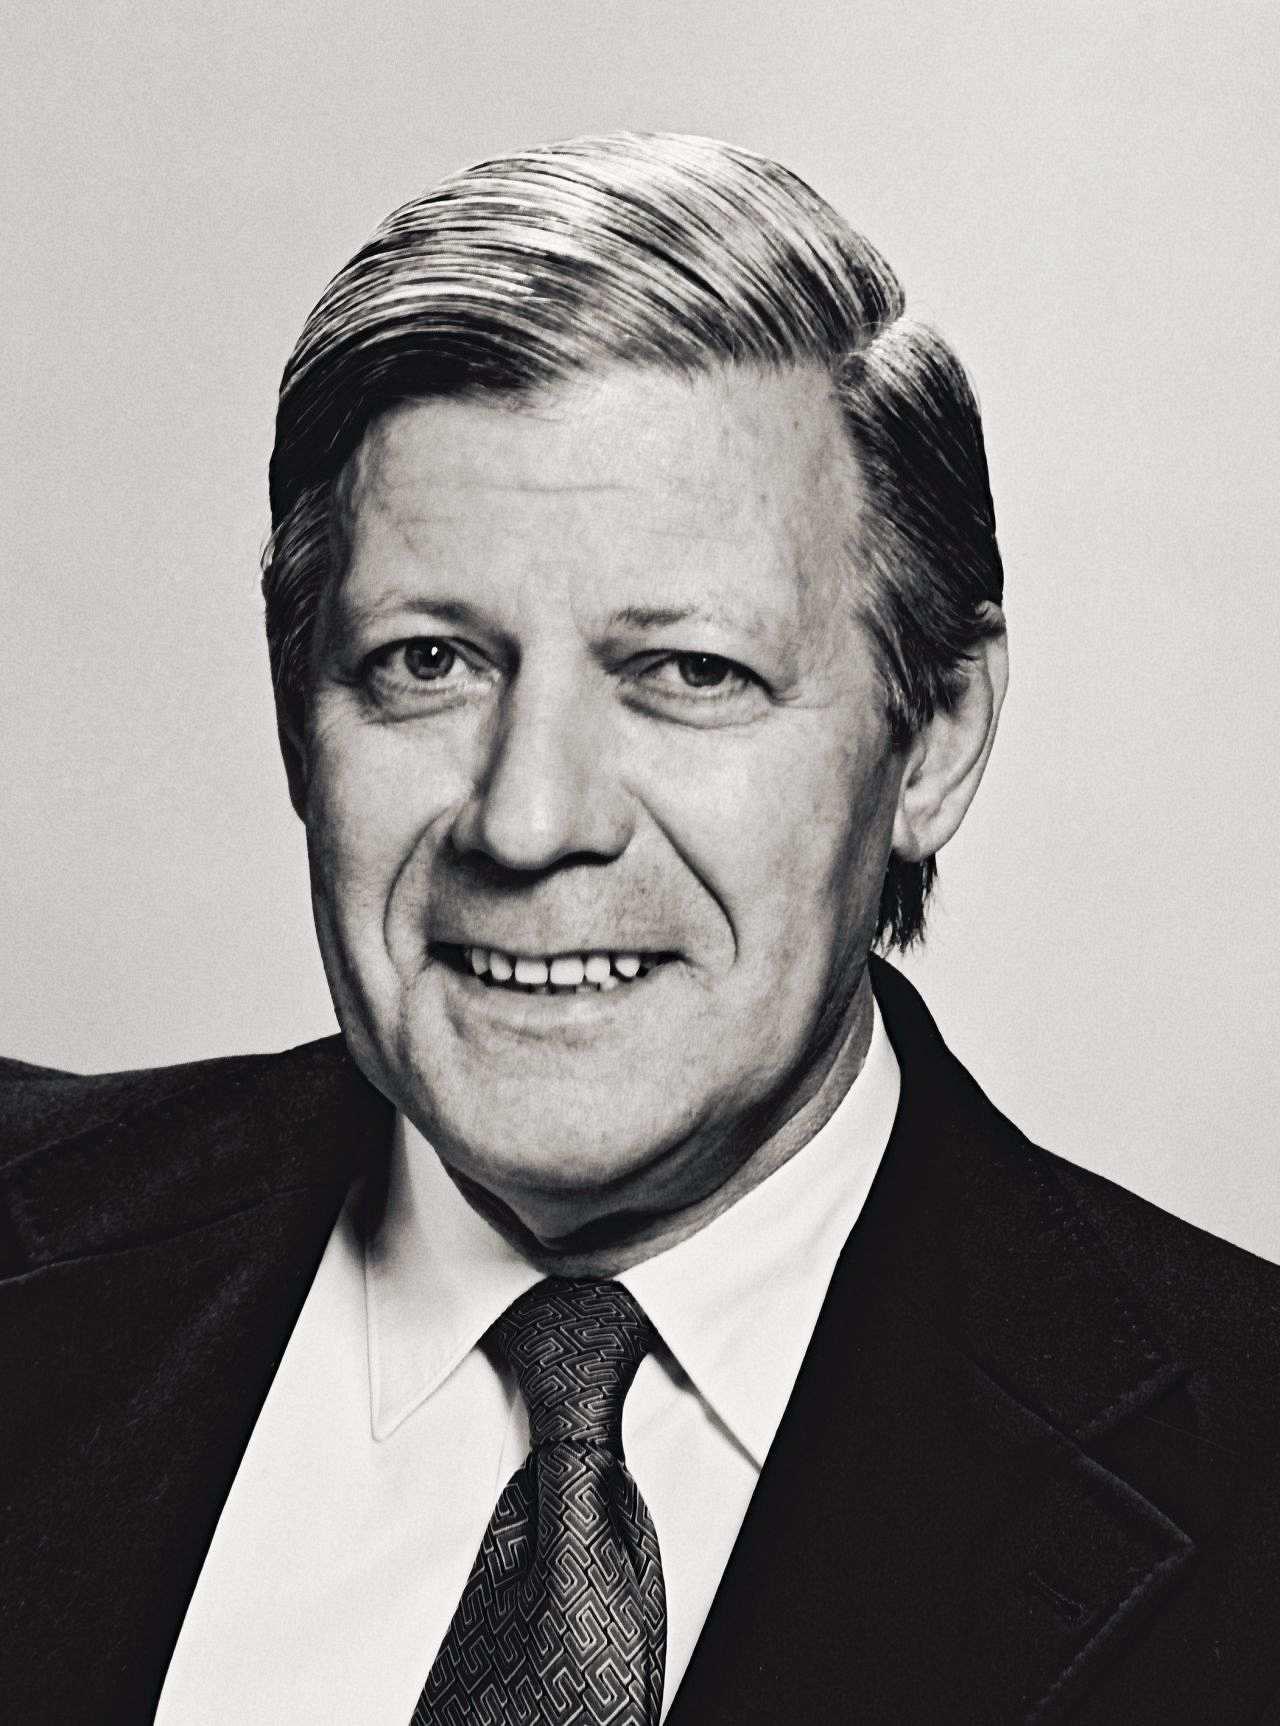 Offizielles Porträt von Bundeskanzler Helmut Schmidt, ... - schmidt-helmut_foto_LEMO-F-6-153_bbst